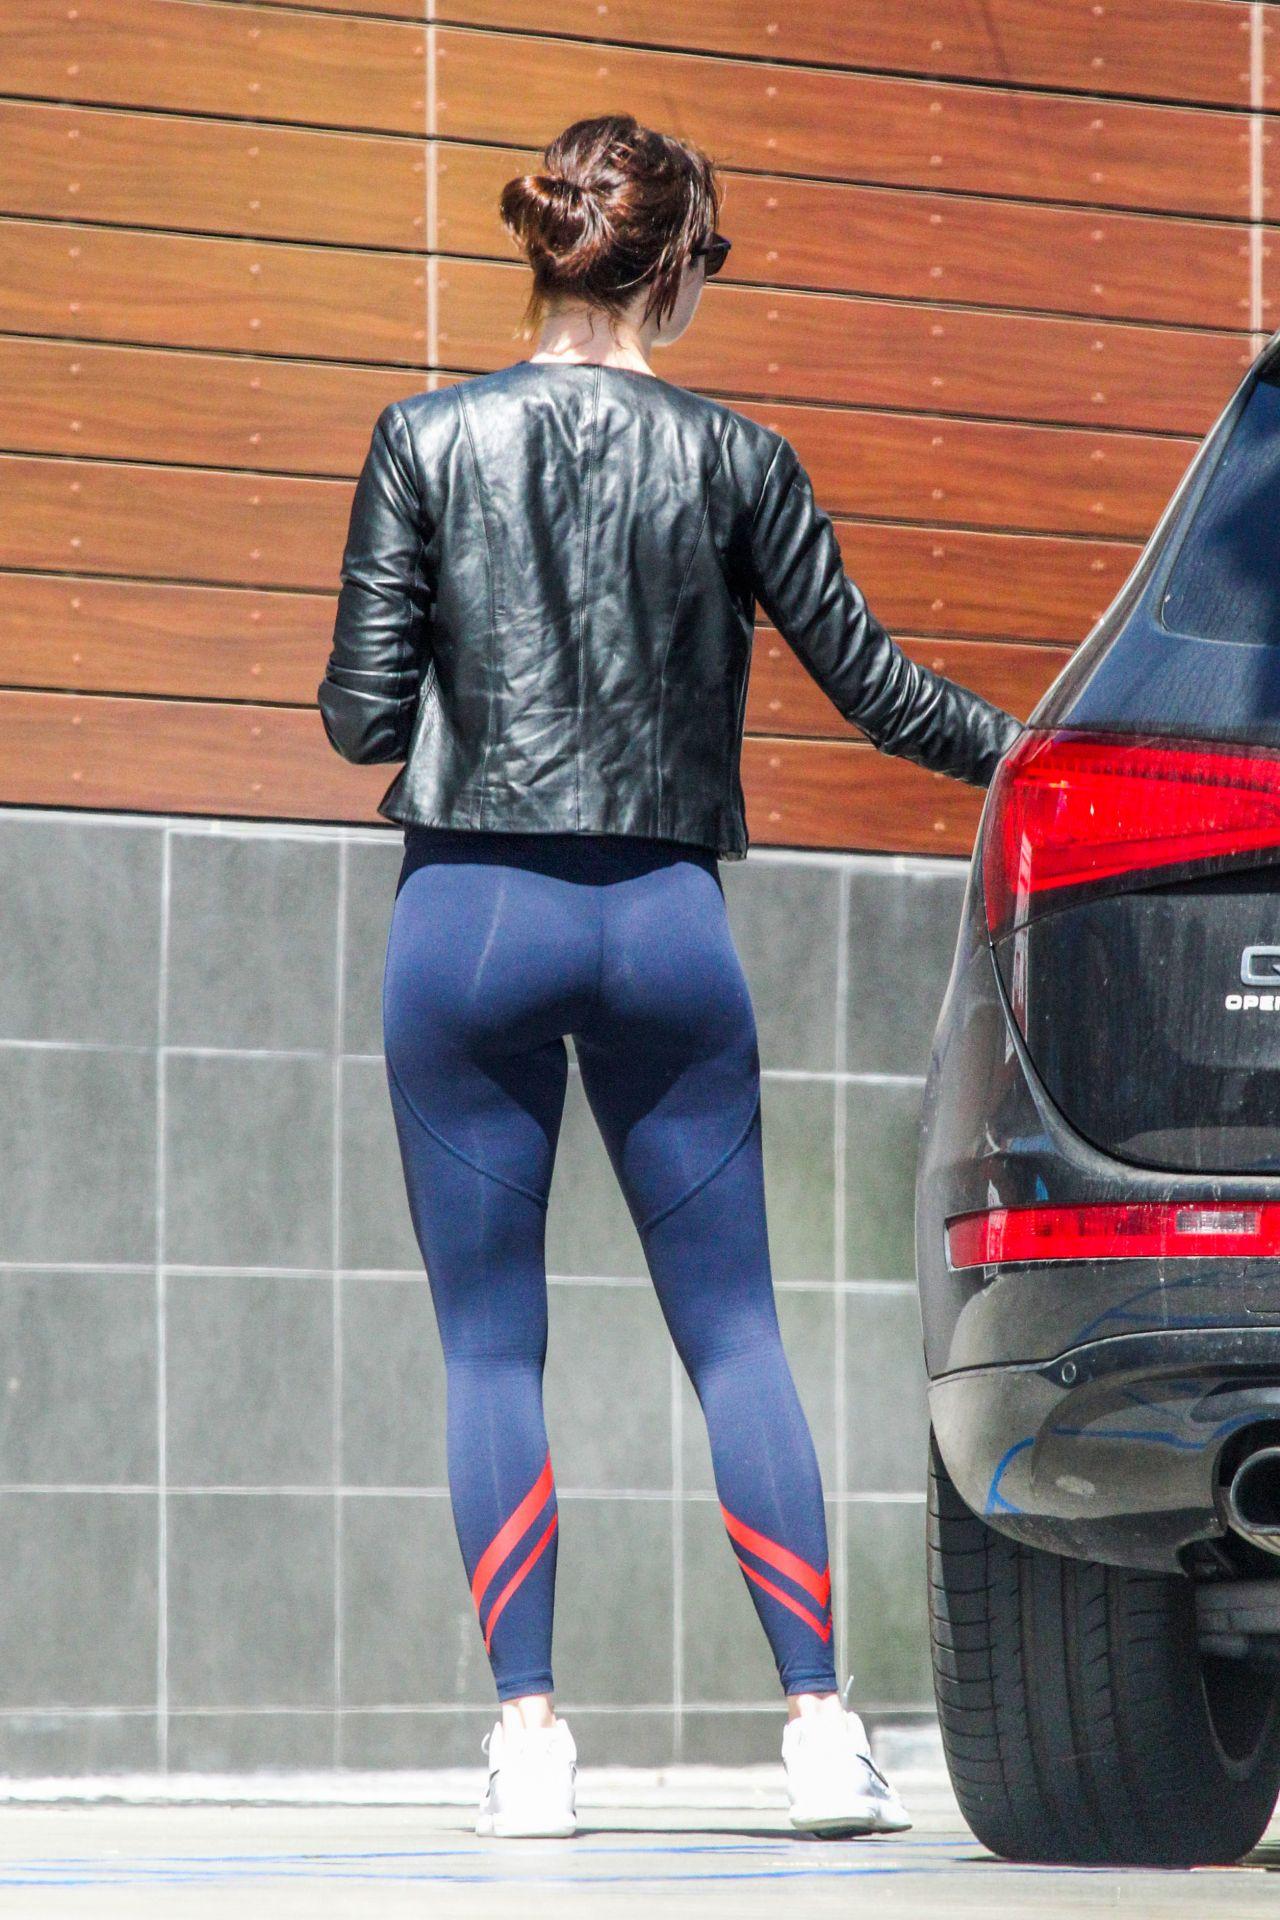 Sarah silverman ass butt bus, Girls